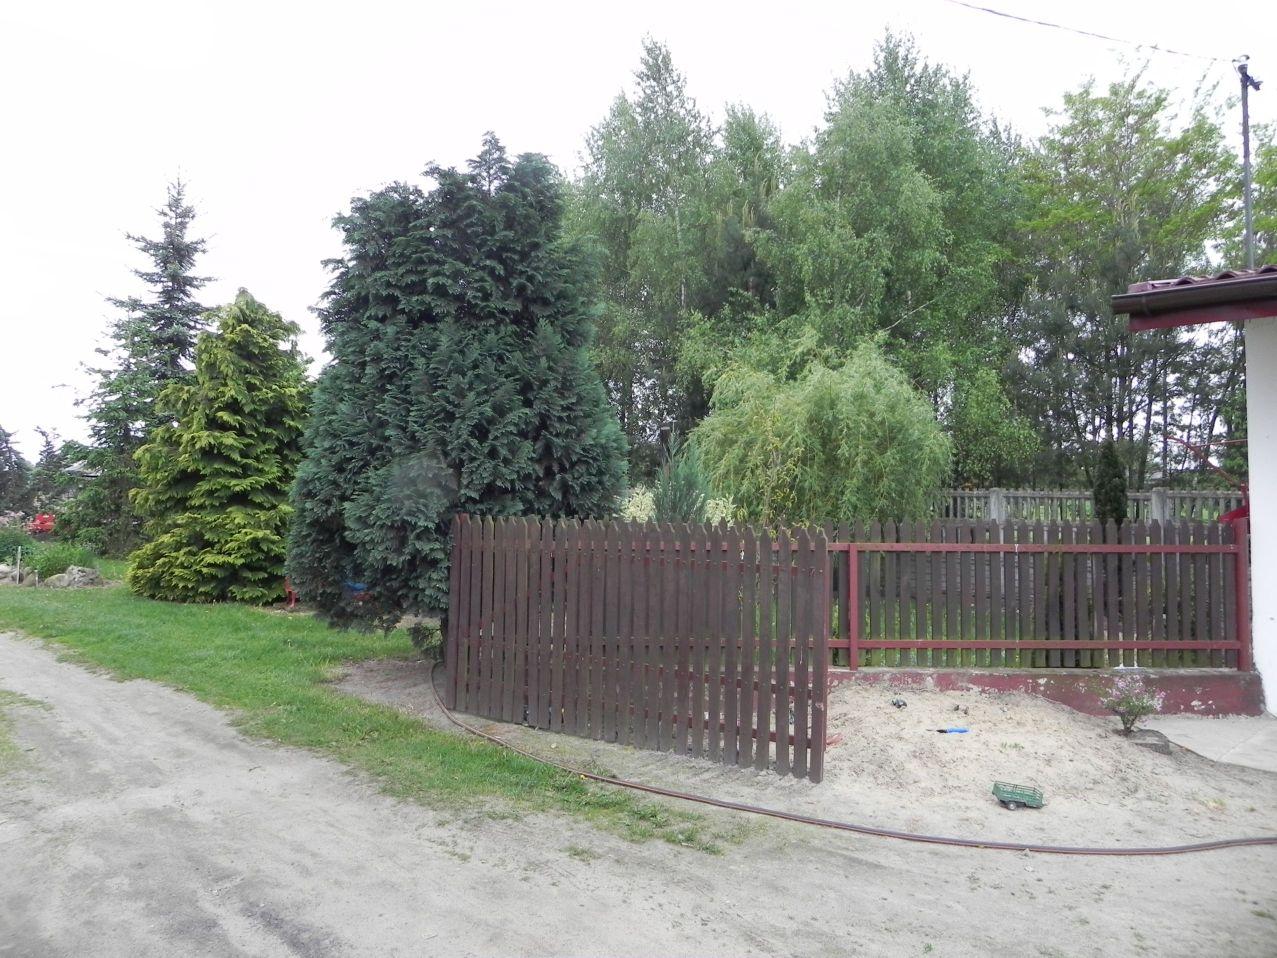 Galeria zdjęć Sochowej Zagrody - podwórko i przyroda (51)